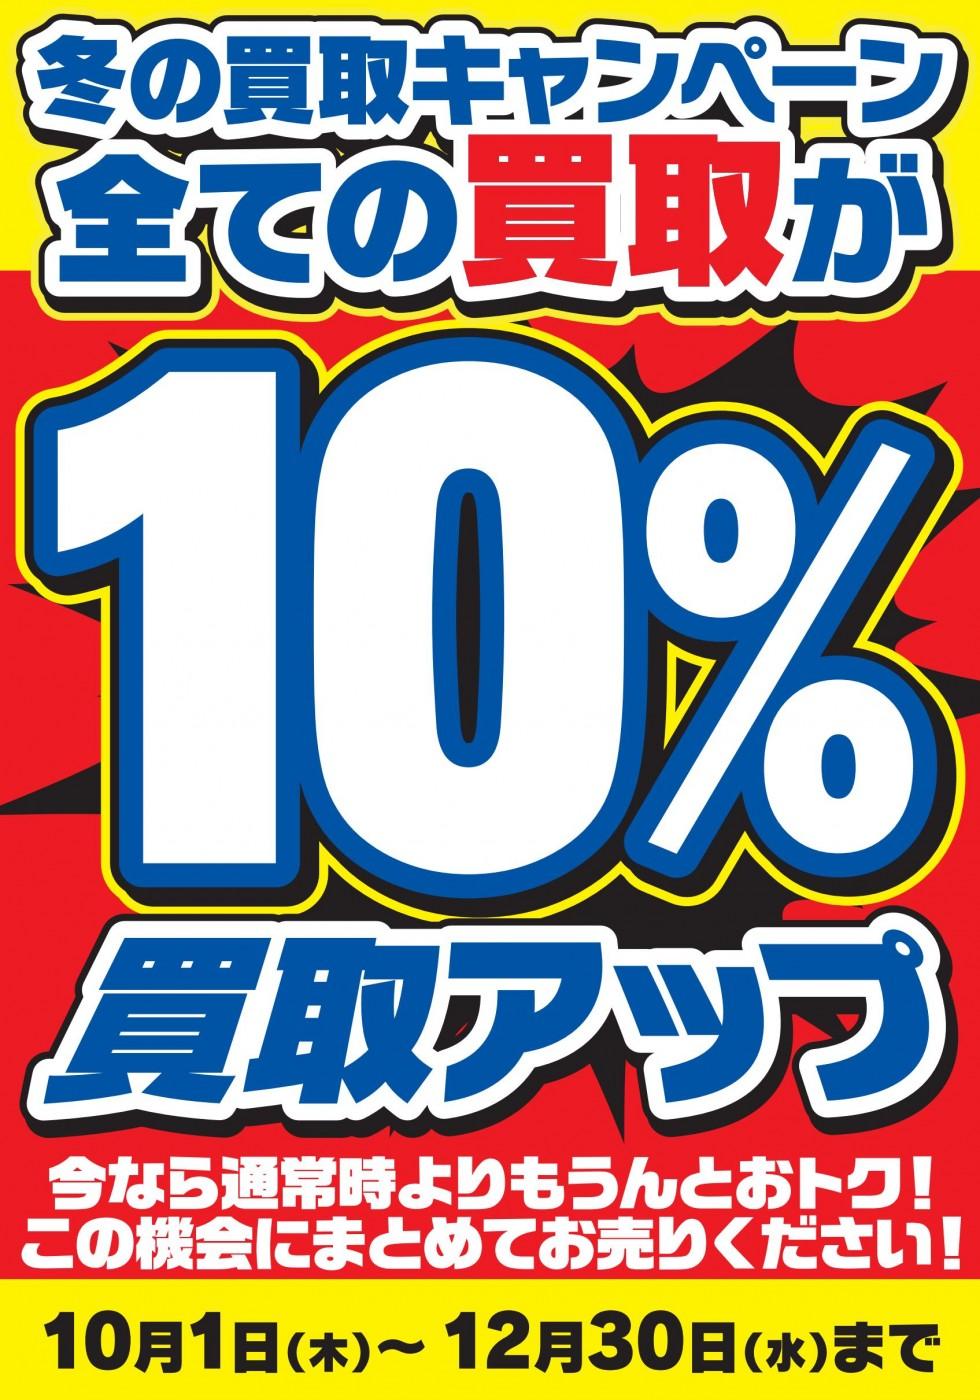 内容一新、ゼスト所沢店の買取アップキャンペーン始動!!